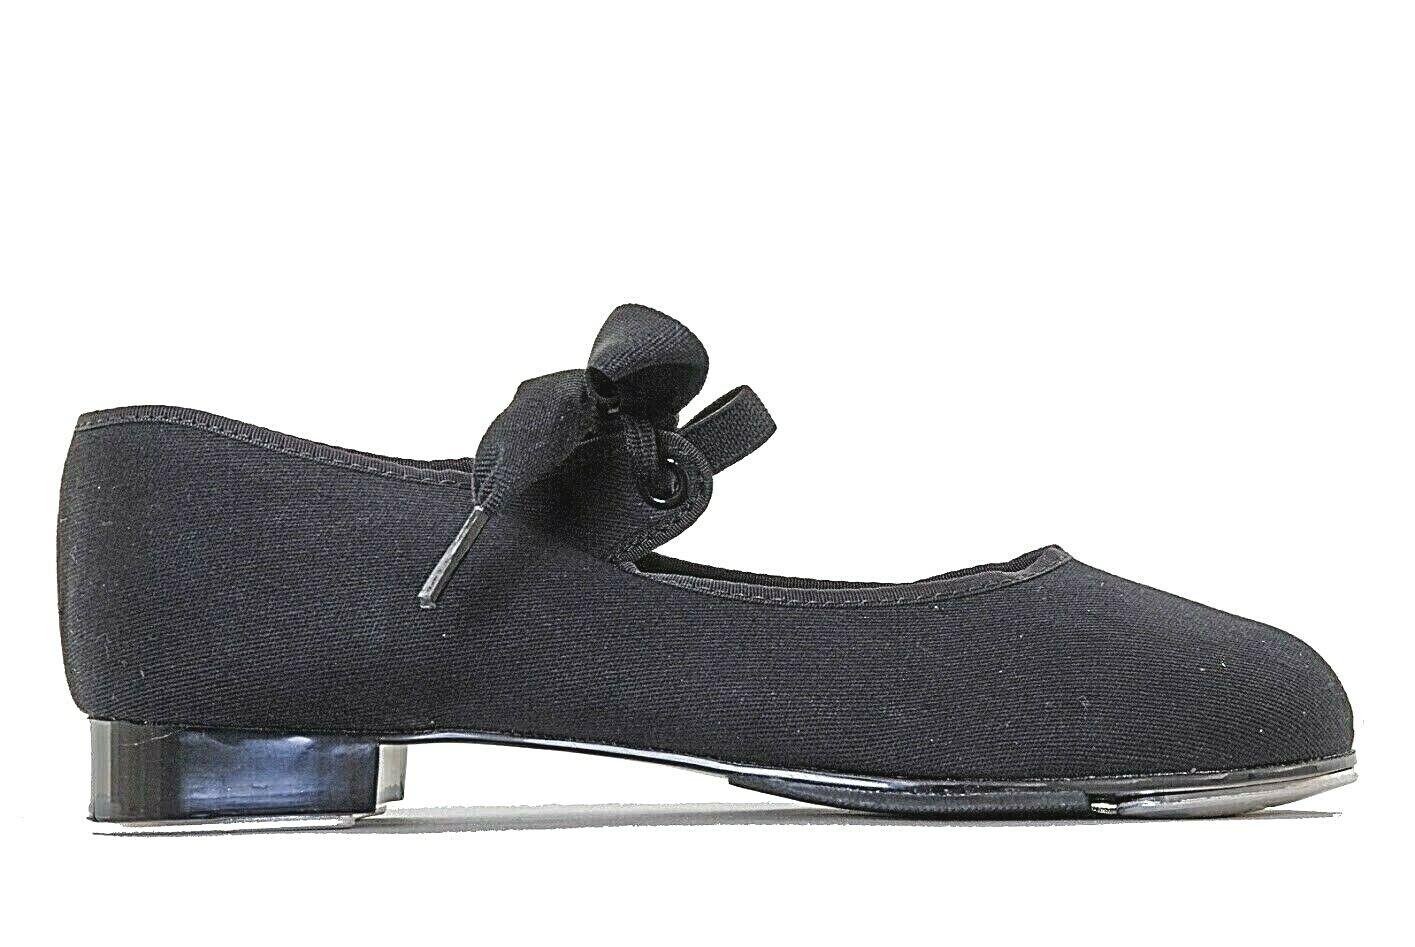 Capezio 825 Black Canvas Girls Low Heel Tap Shoes